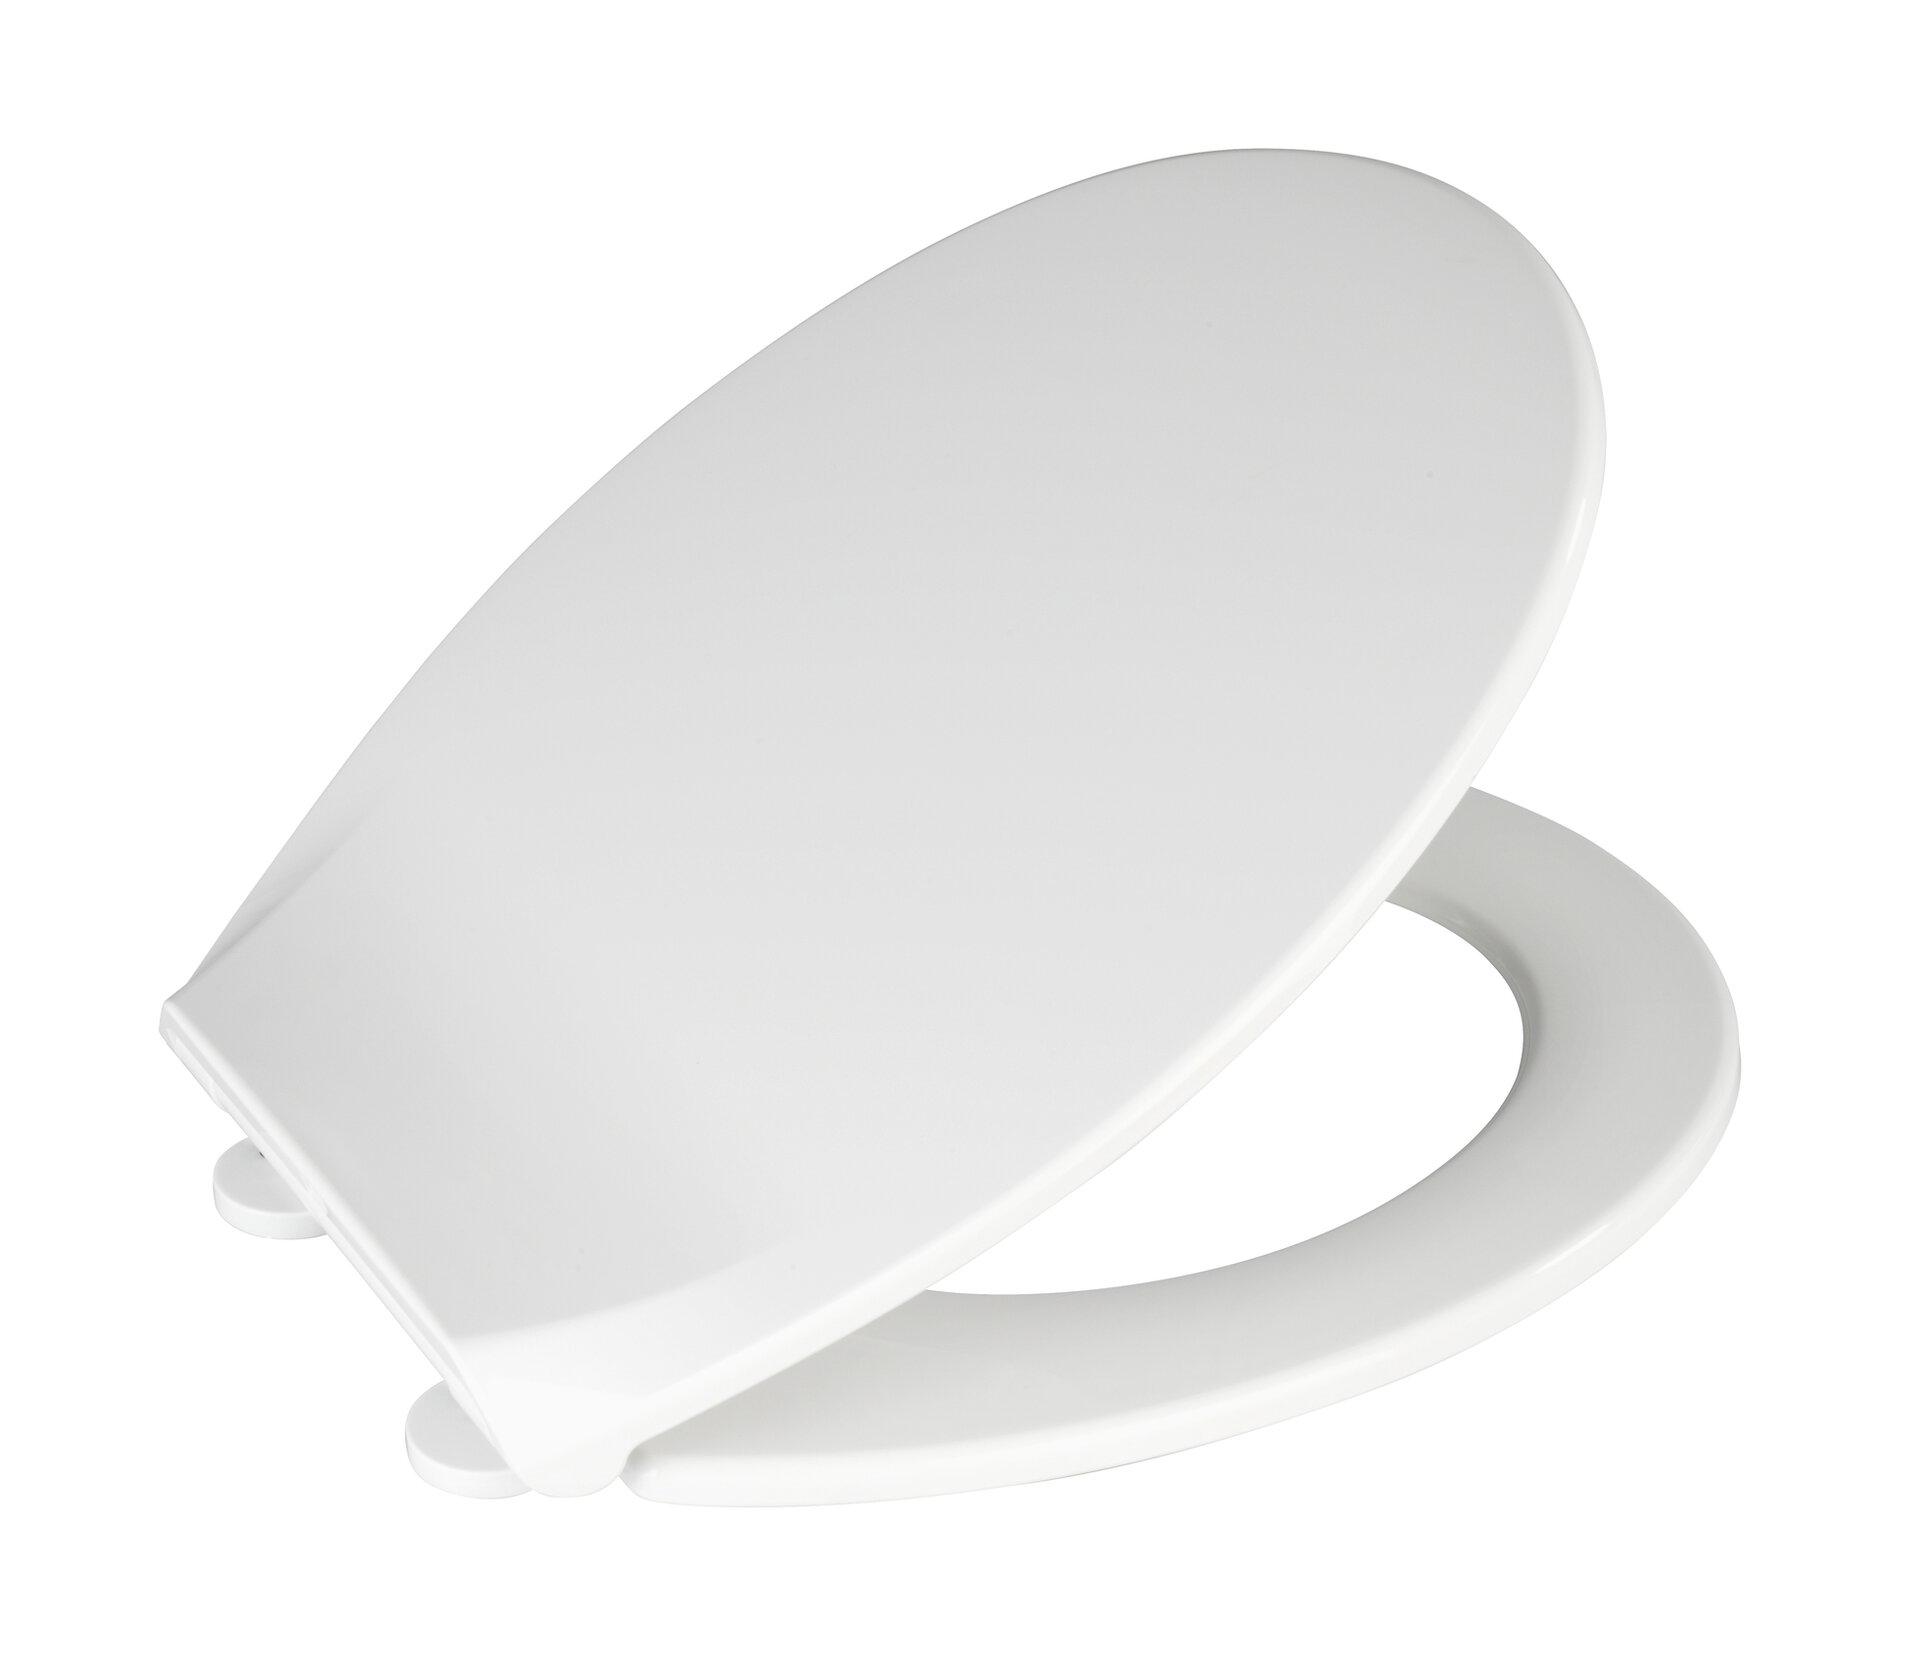 WC-Zubehör Kos Wenko Kunststoff weiß